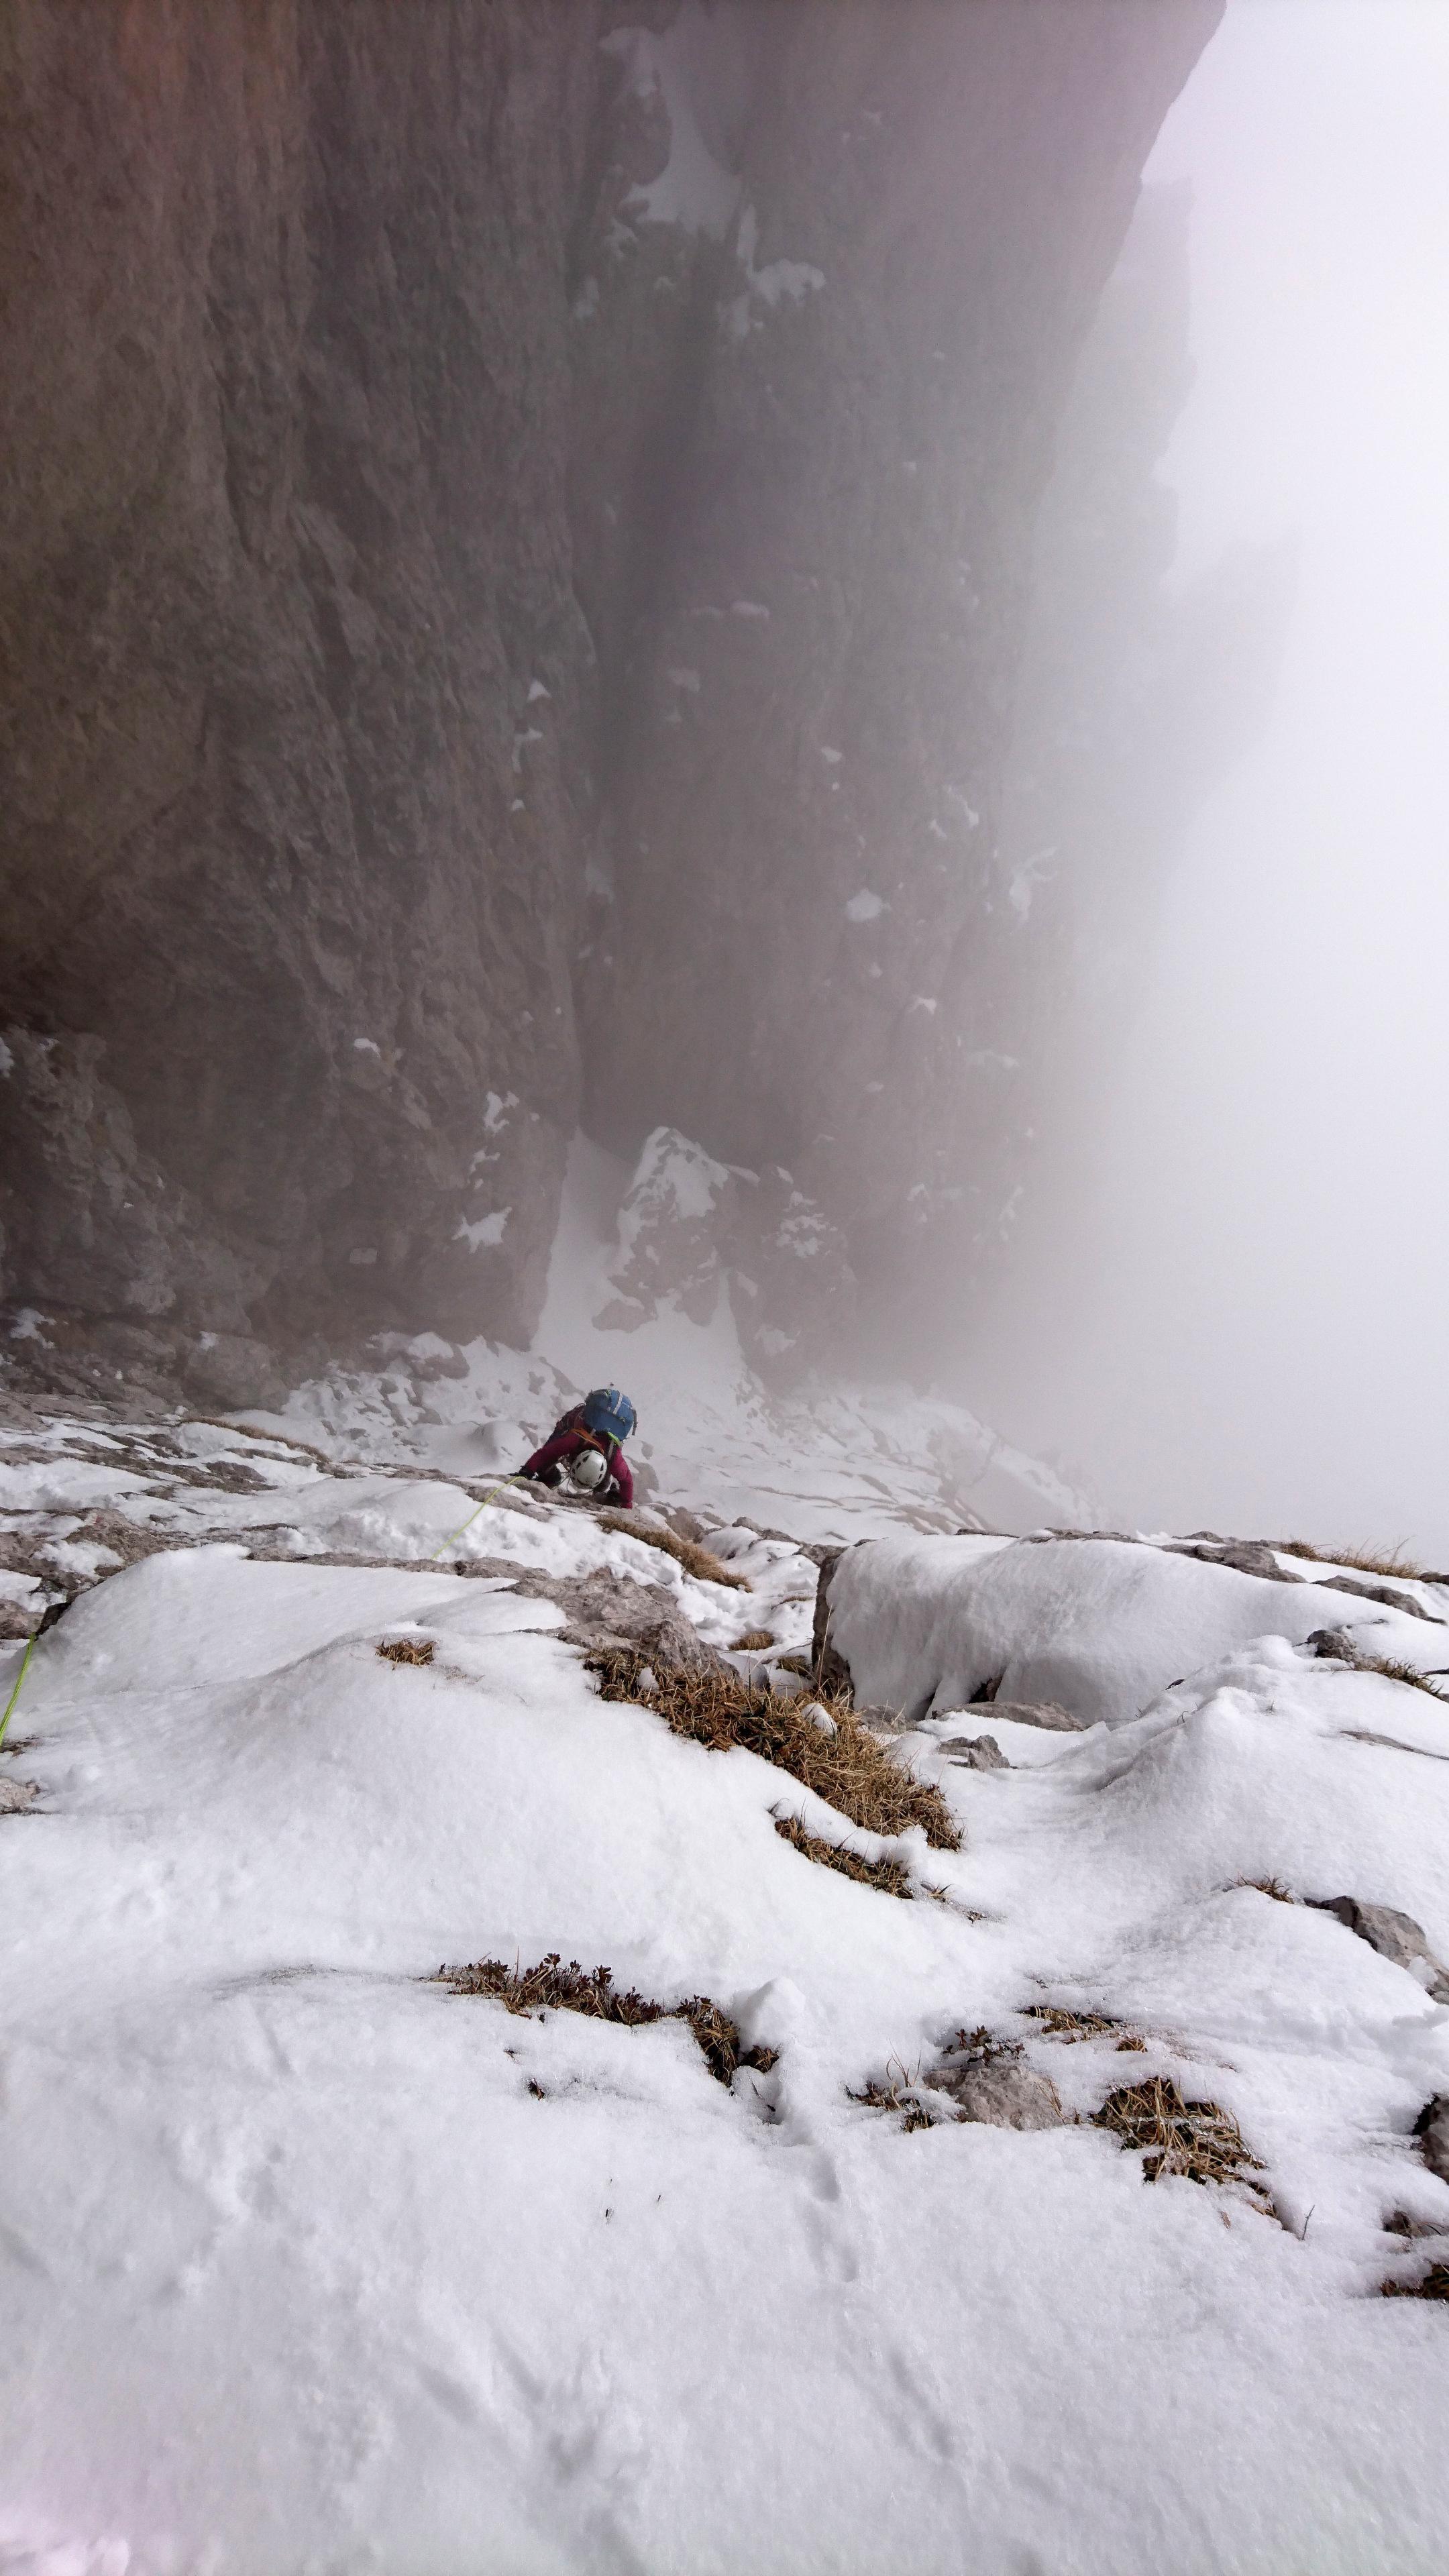 Secondo muretto. Qui per fortuna c'è un po' più di copertura nevosa, cosa che rende la progressione con i ramponi ai piedi più semplice